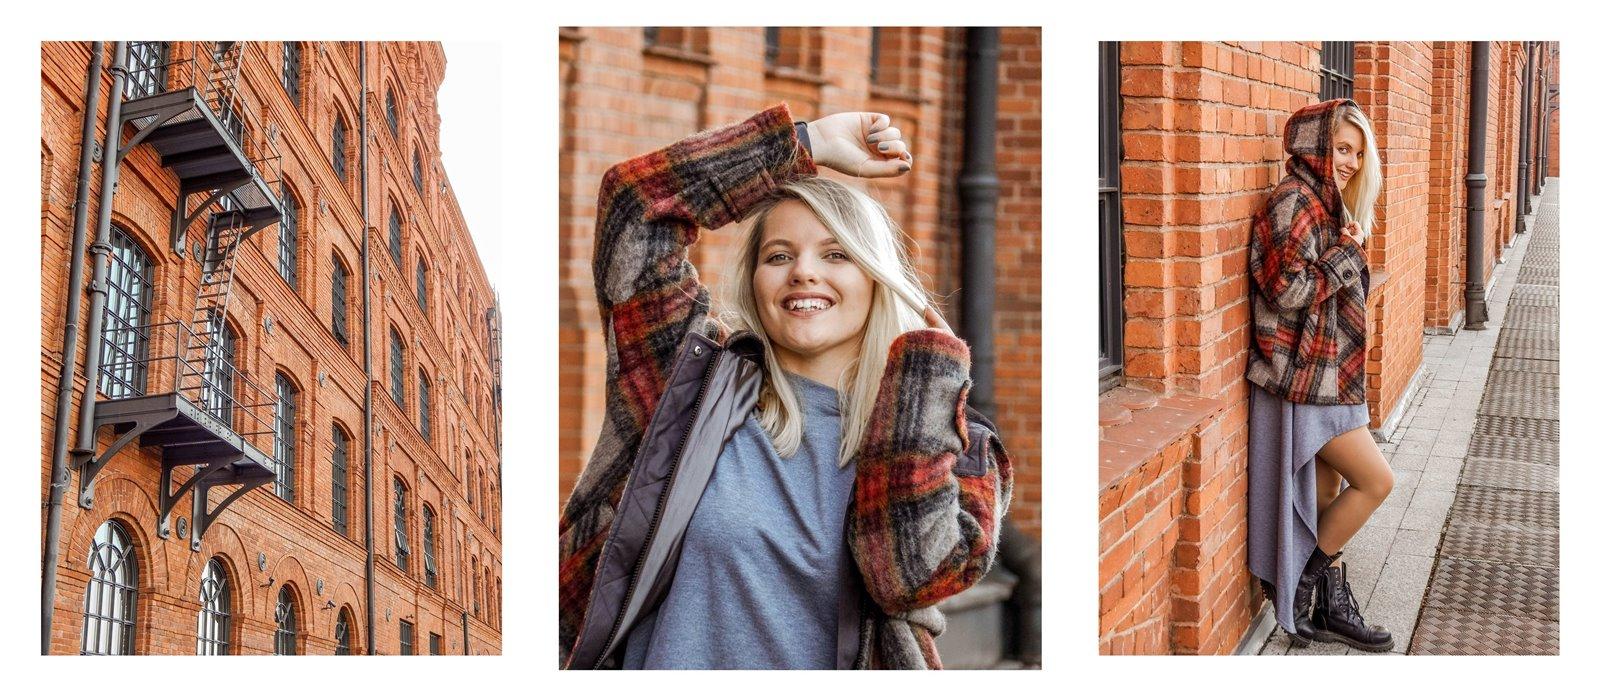 5a płaszcz - ubranie, moda polska, hot moda, moda damska jesień 2018, moda for you, net moda, blog, blogerki fashion łódź anataka kurtka w kratkę ciepła kurtka stylizacje w co się ubrać eleganckie kurtki blondynka